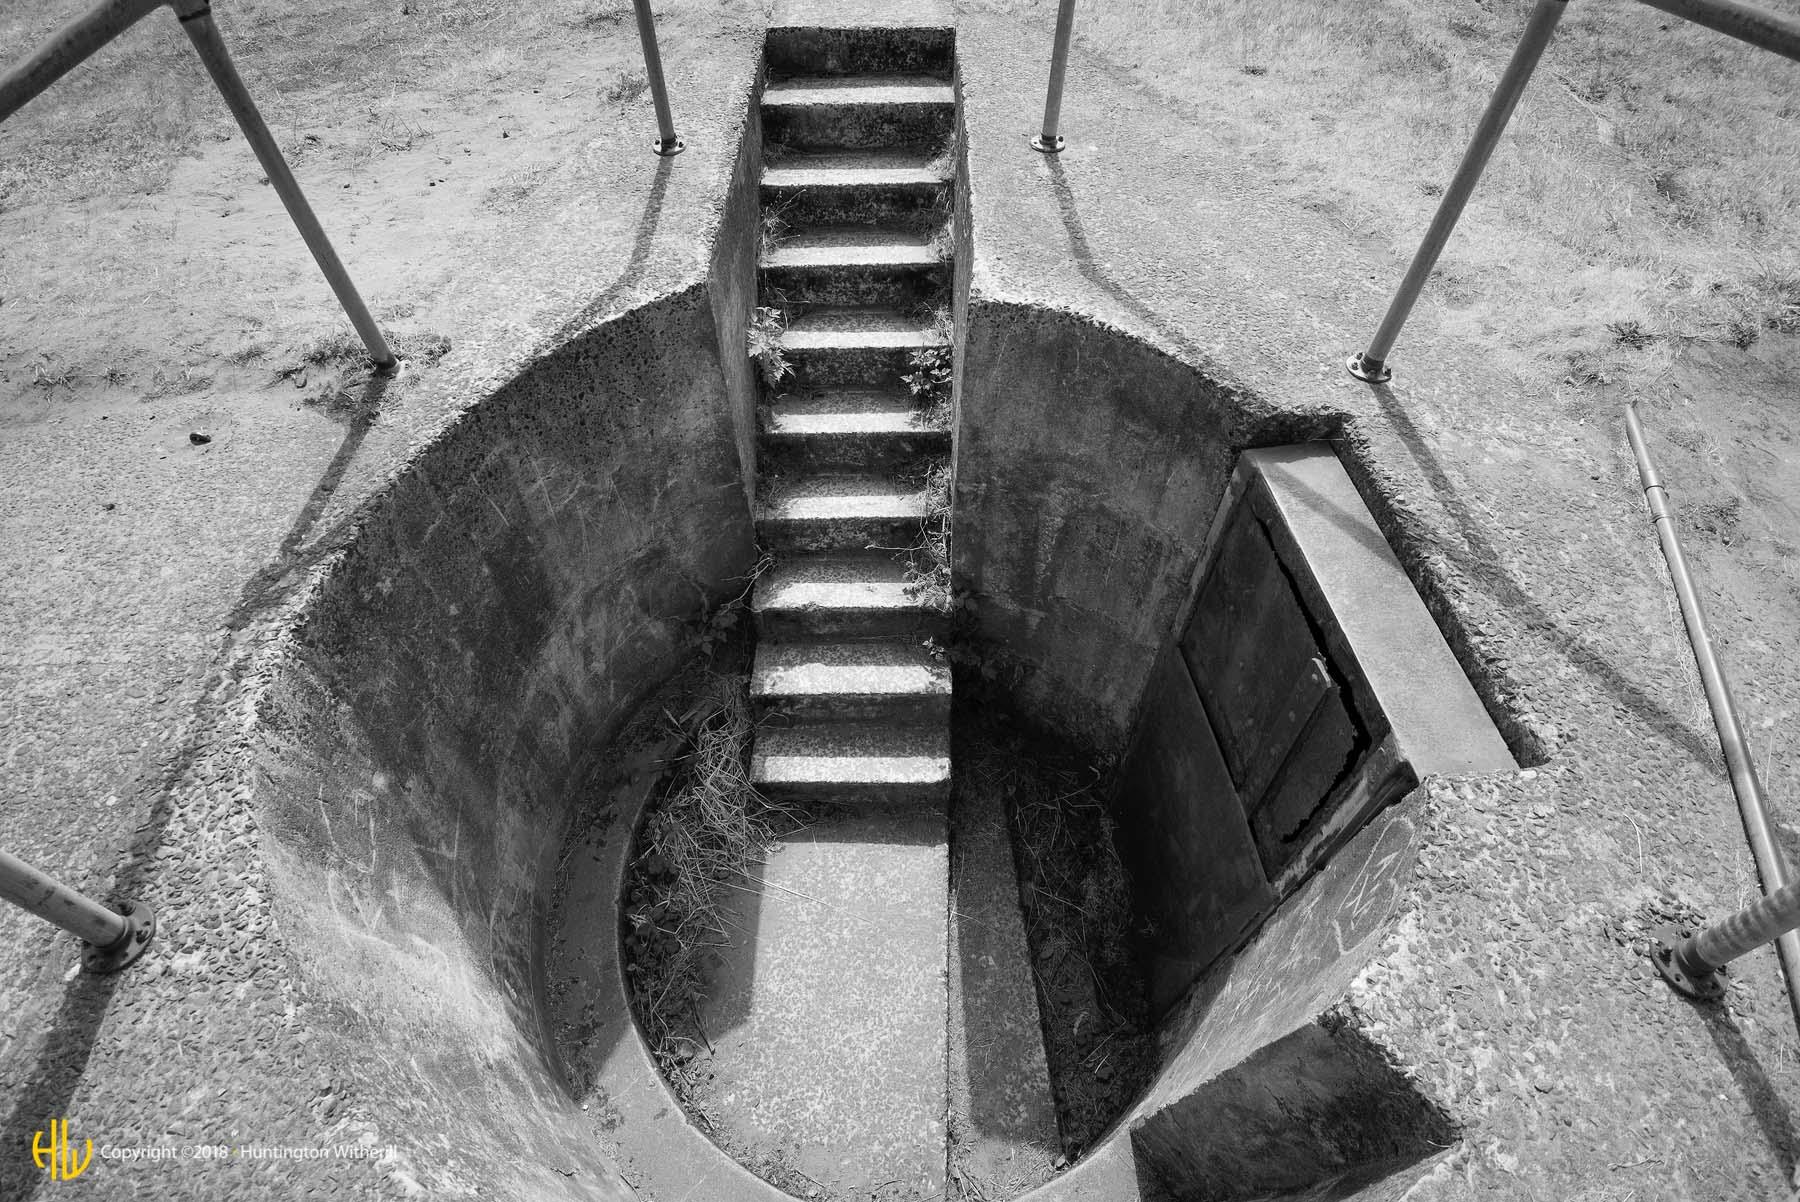 Stairway #1, Fort Stevens, OR, 2012